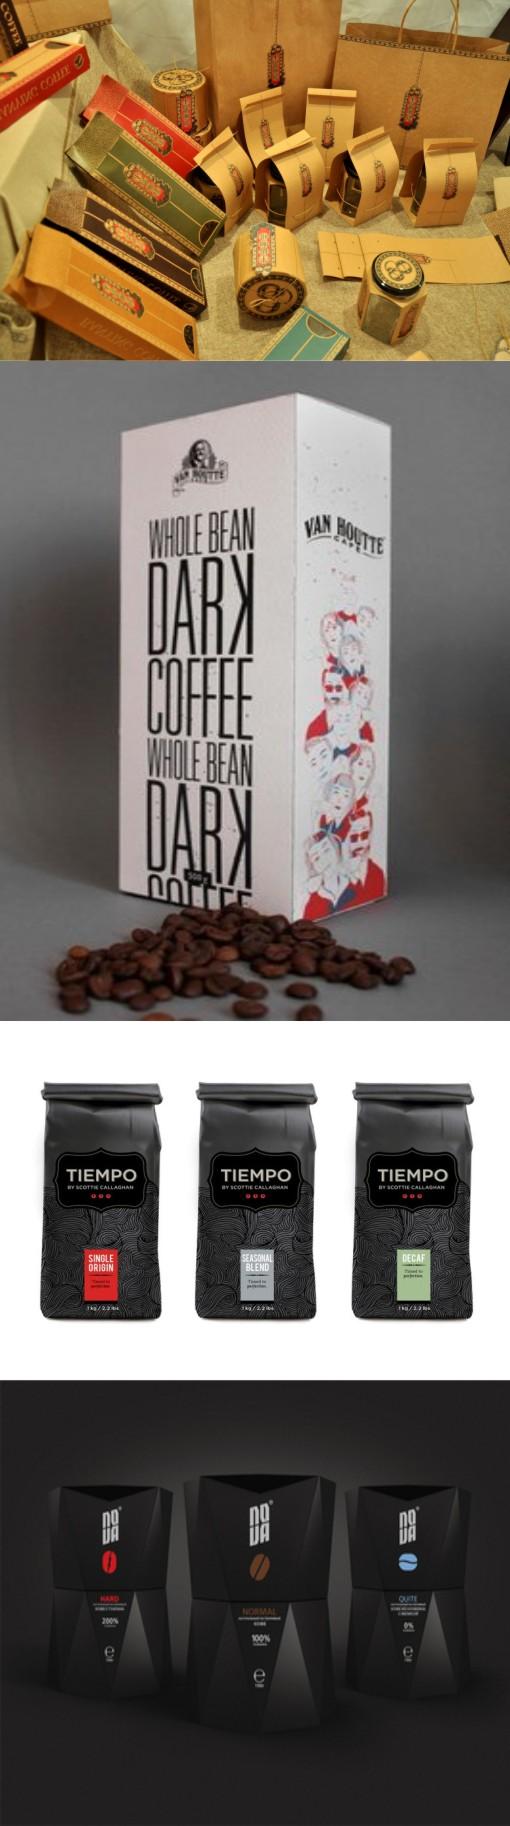 黑色咖啡包装设计 咖啡豆包装设计 中国包装设计网 创意咖啡包装设计